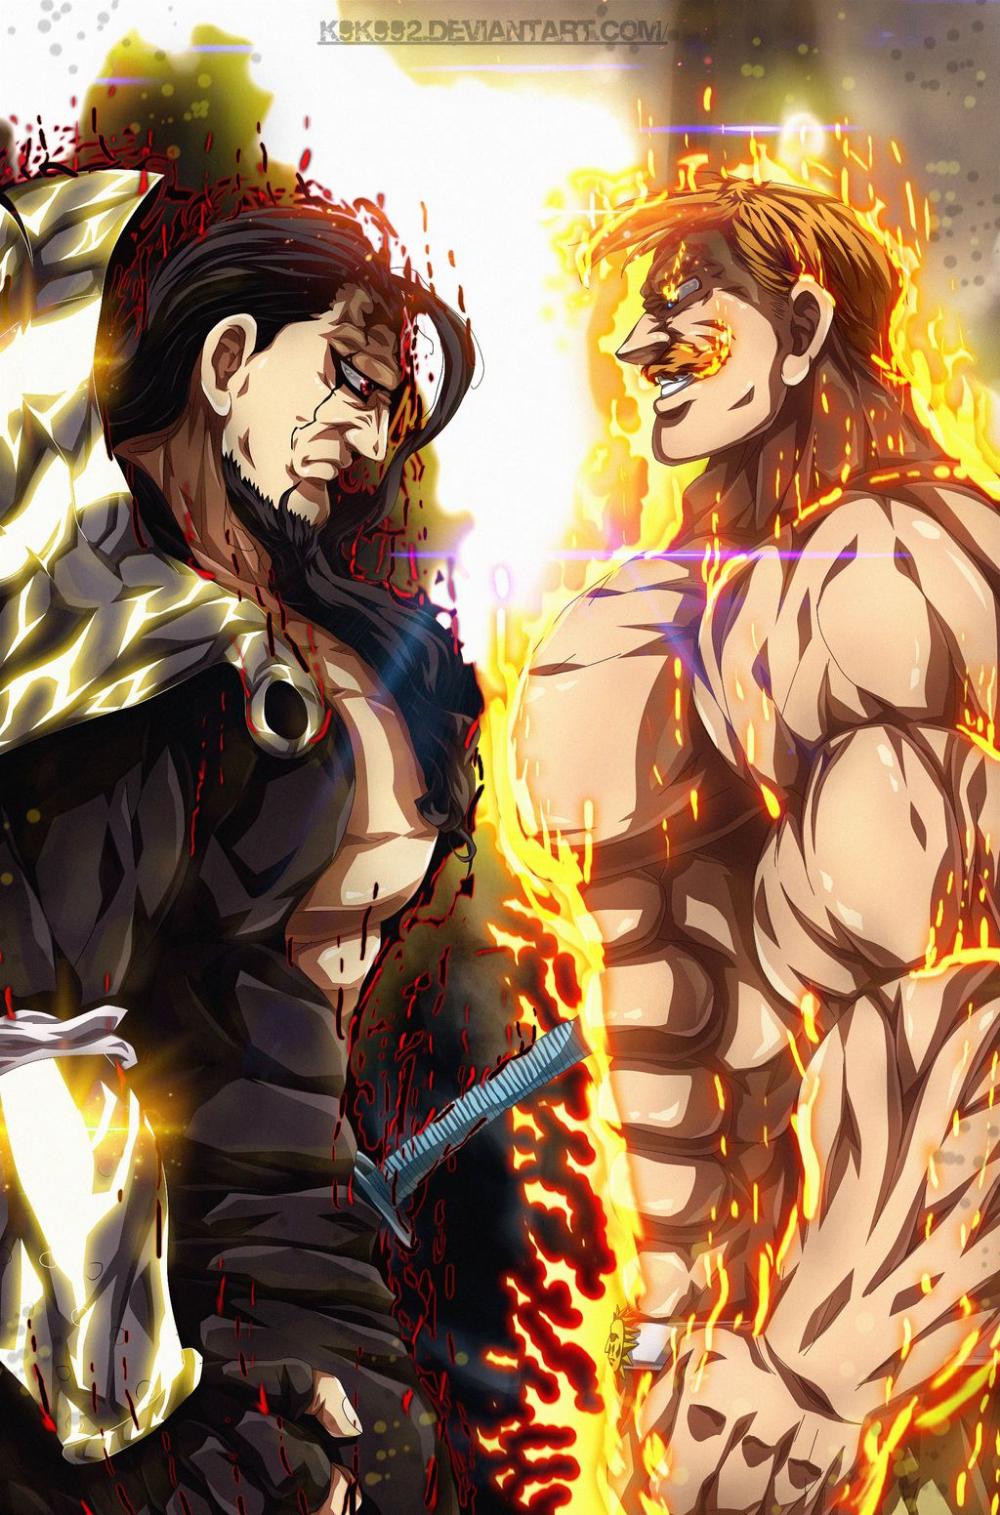 Escanor The One Vs Zeldris Demon King By K9k992 On Deviantart Demon King Anime Seven Deadly Sins Anime Anime